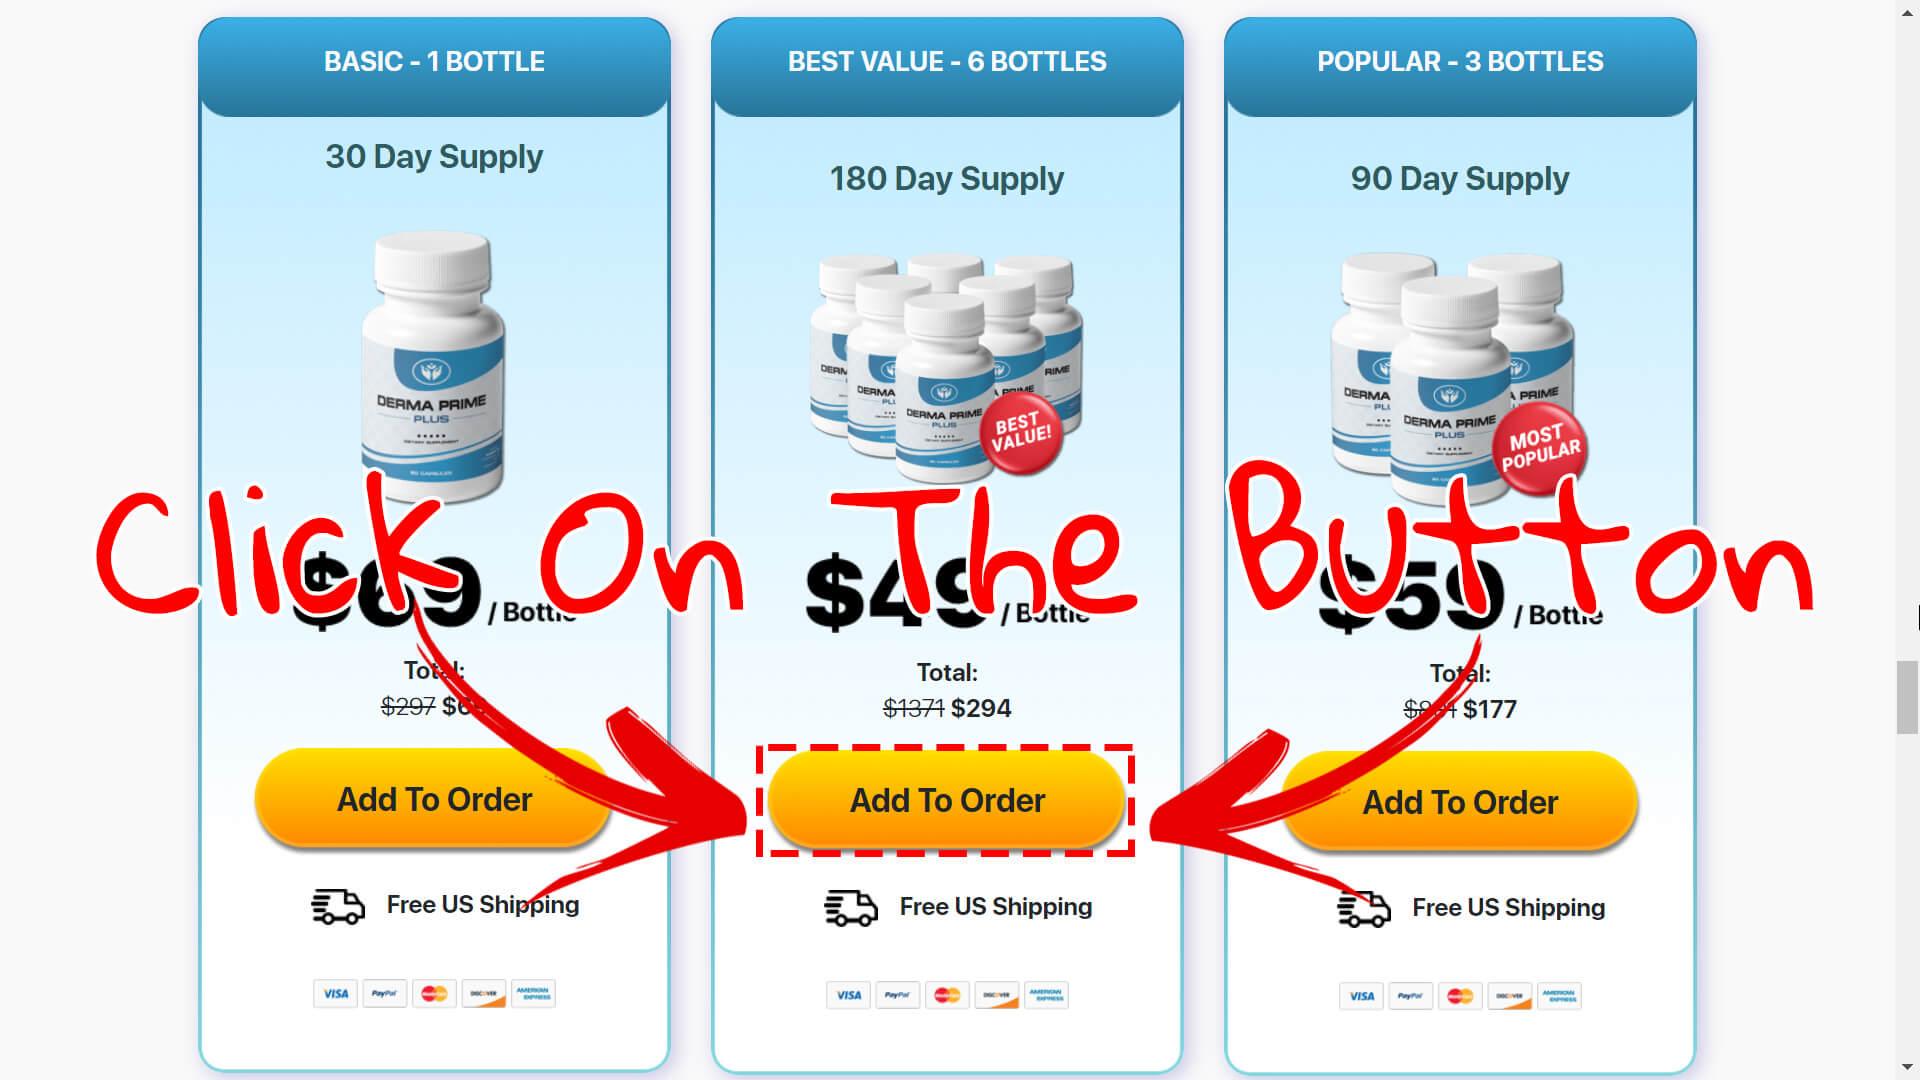 How to buy Derma Prime Plus | Step 3